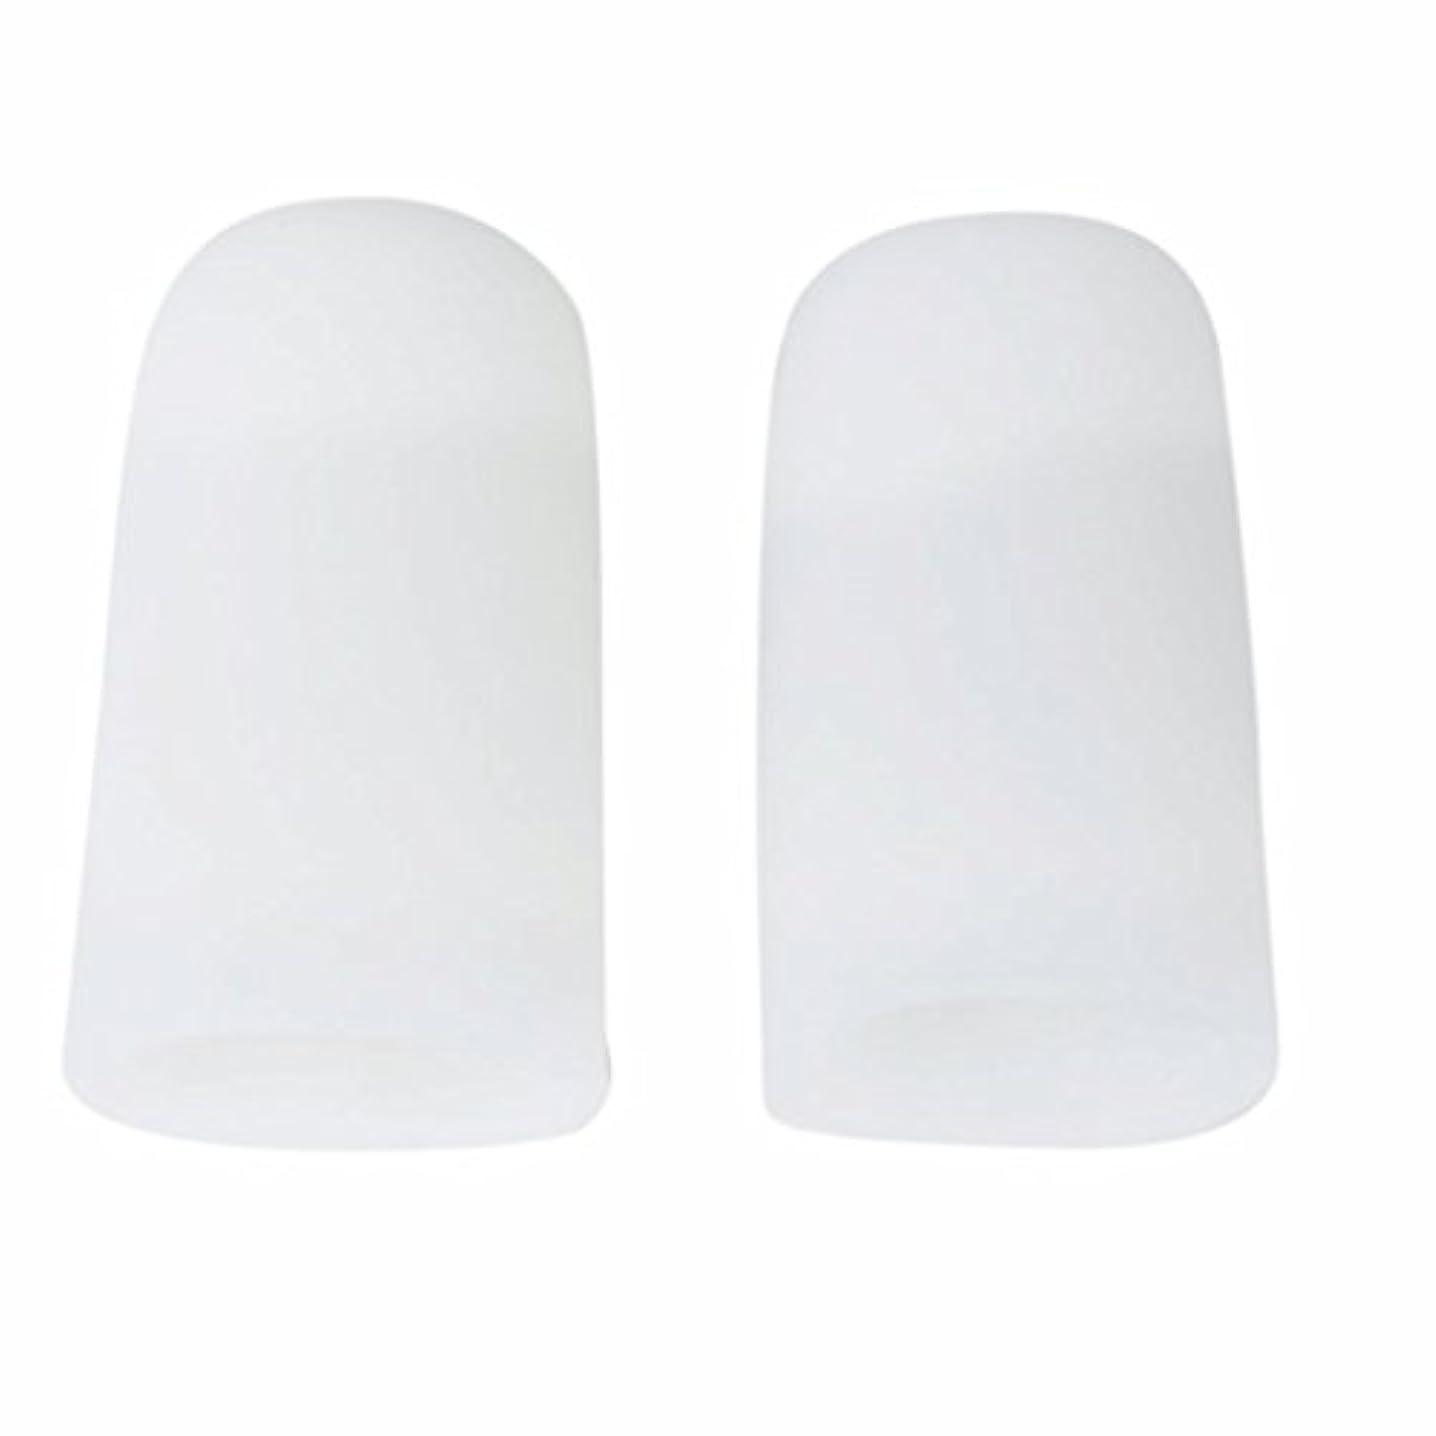 毒性ゆり不名誉なAMAA 足指 保護キャップ つま先 プロテクター 足先のつめ 保護キャップ シリコン S M Lサイズ 1ペア (M)